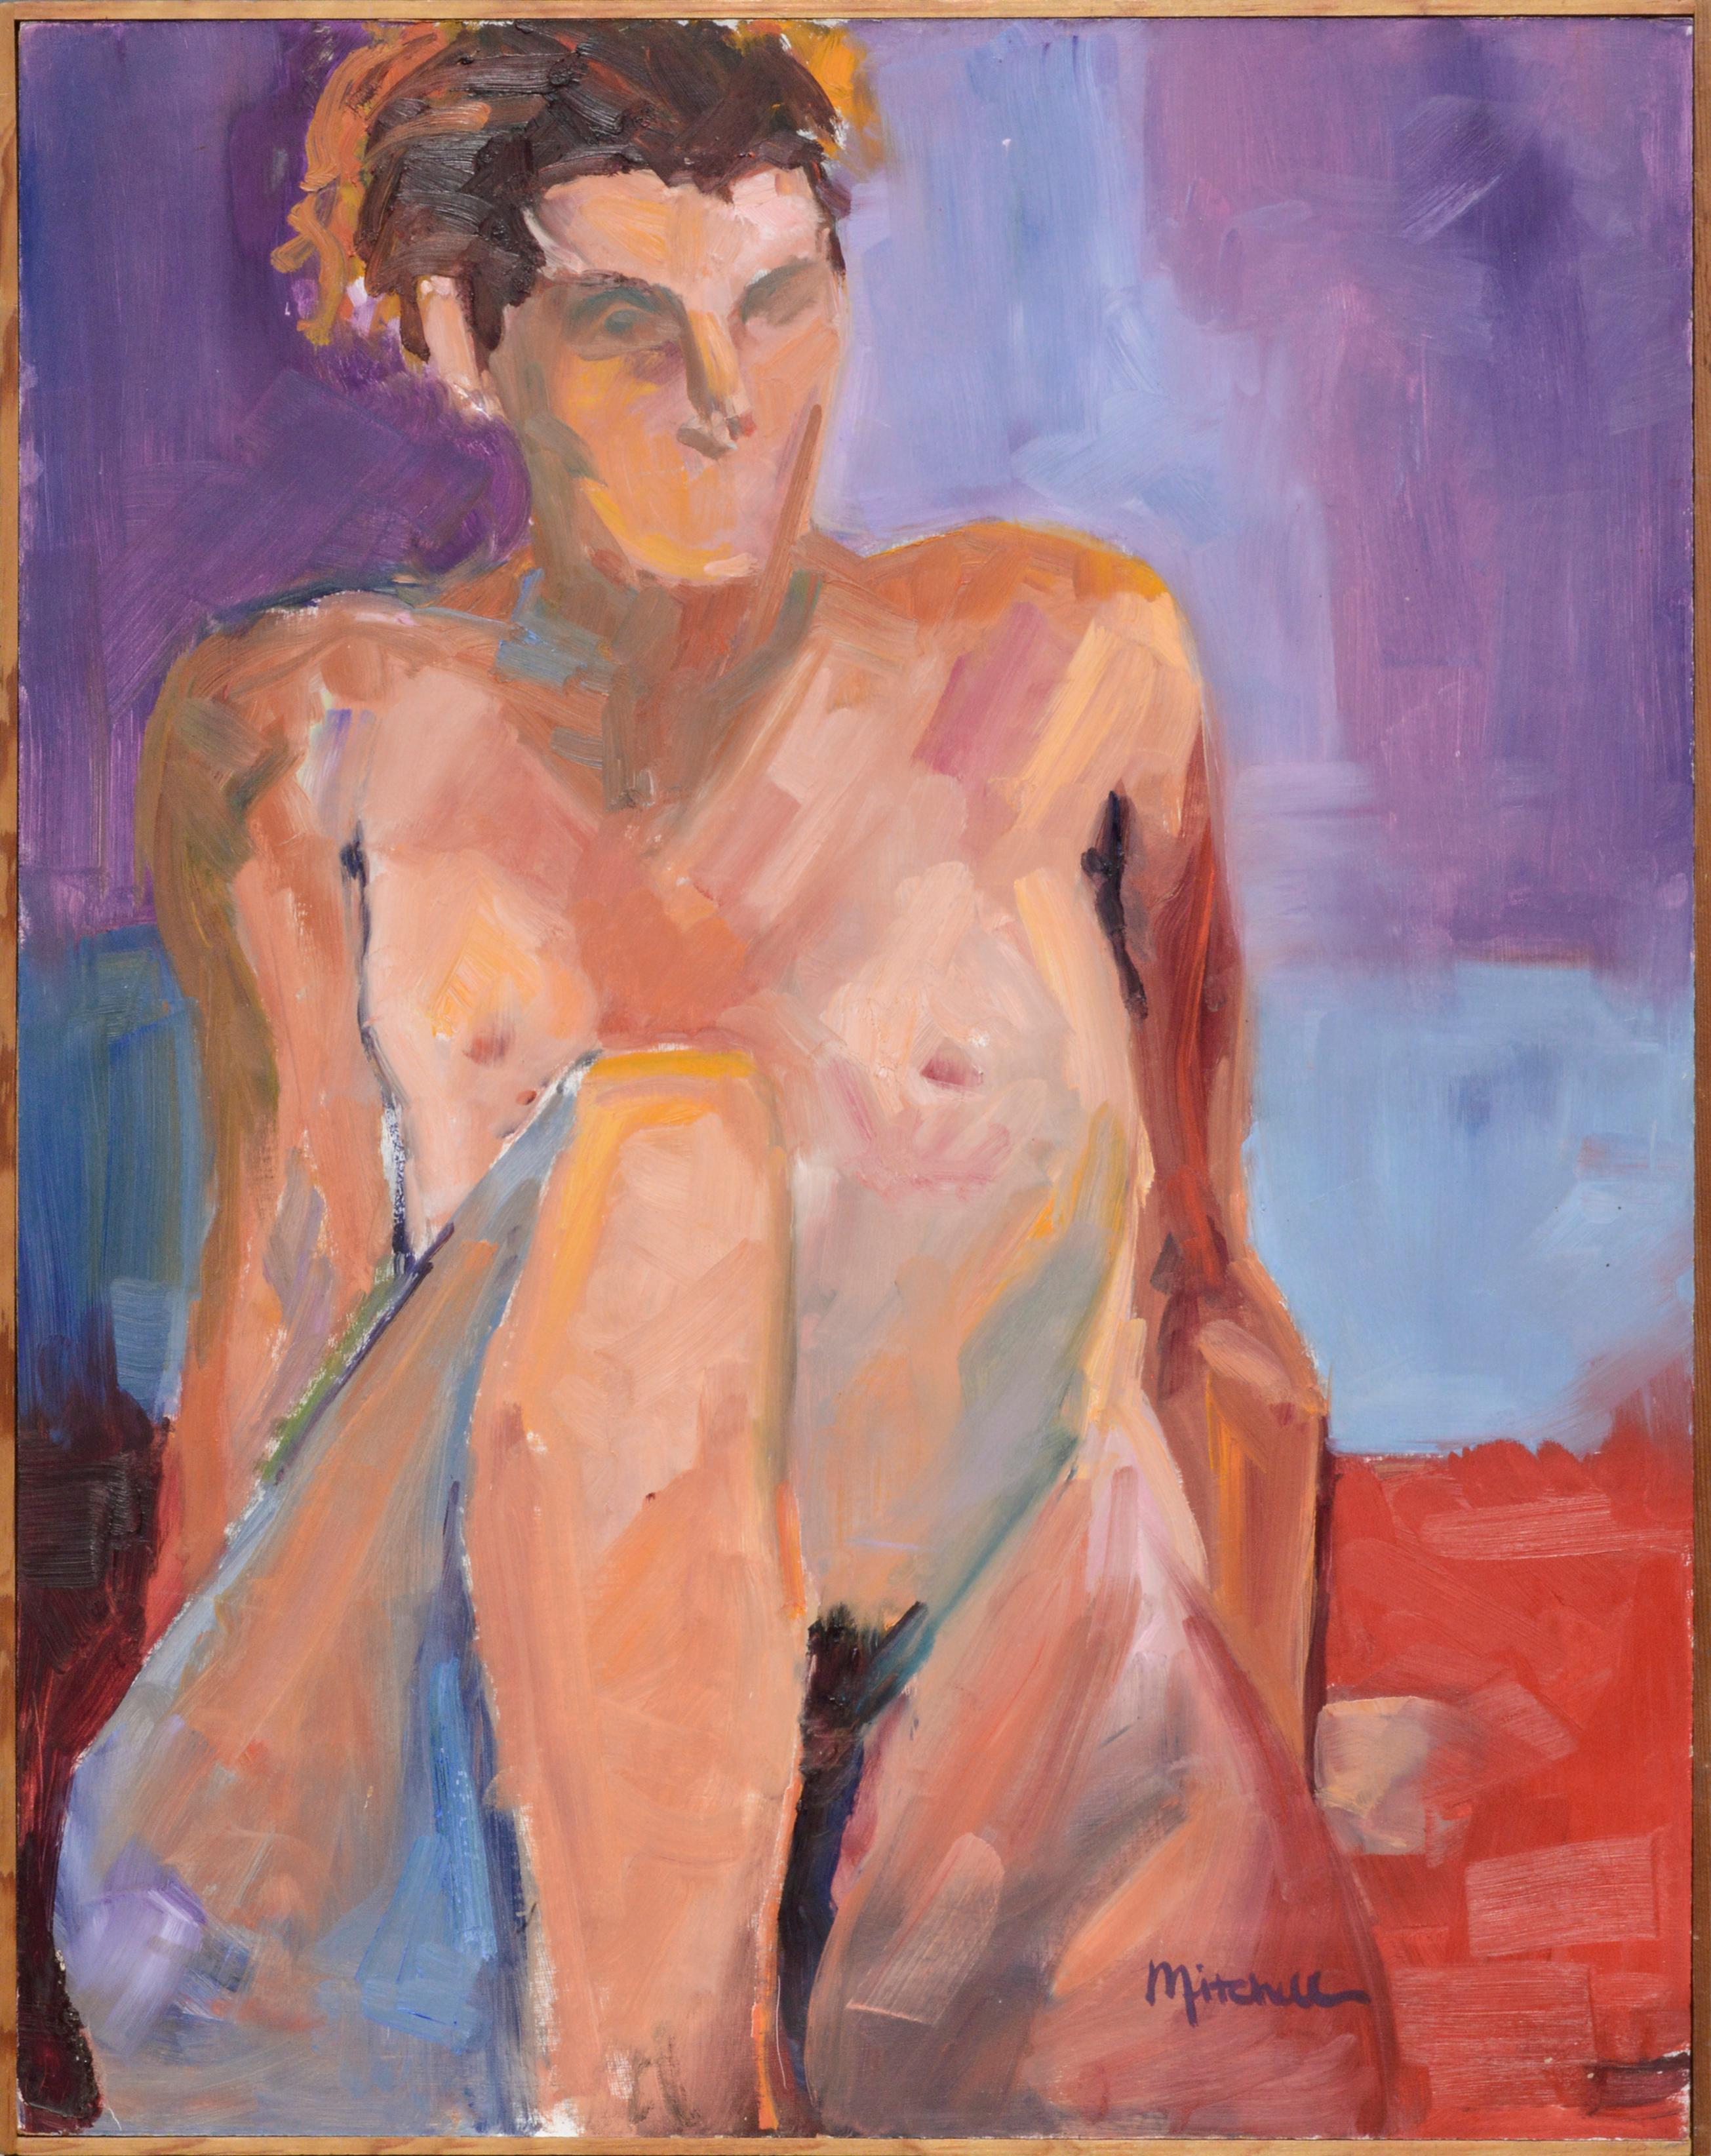 Reclining Nude Figurative